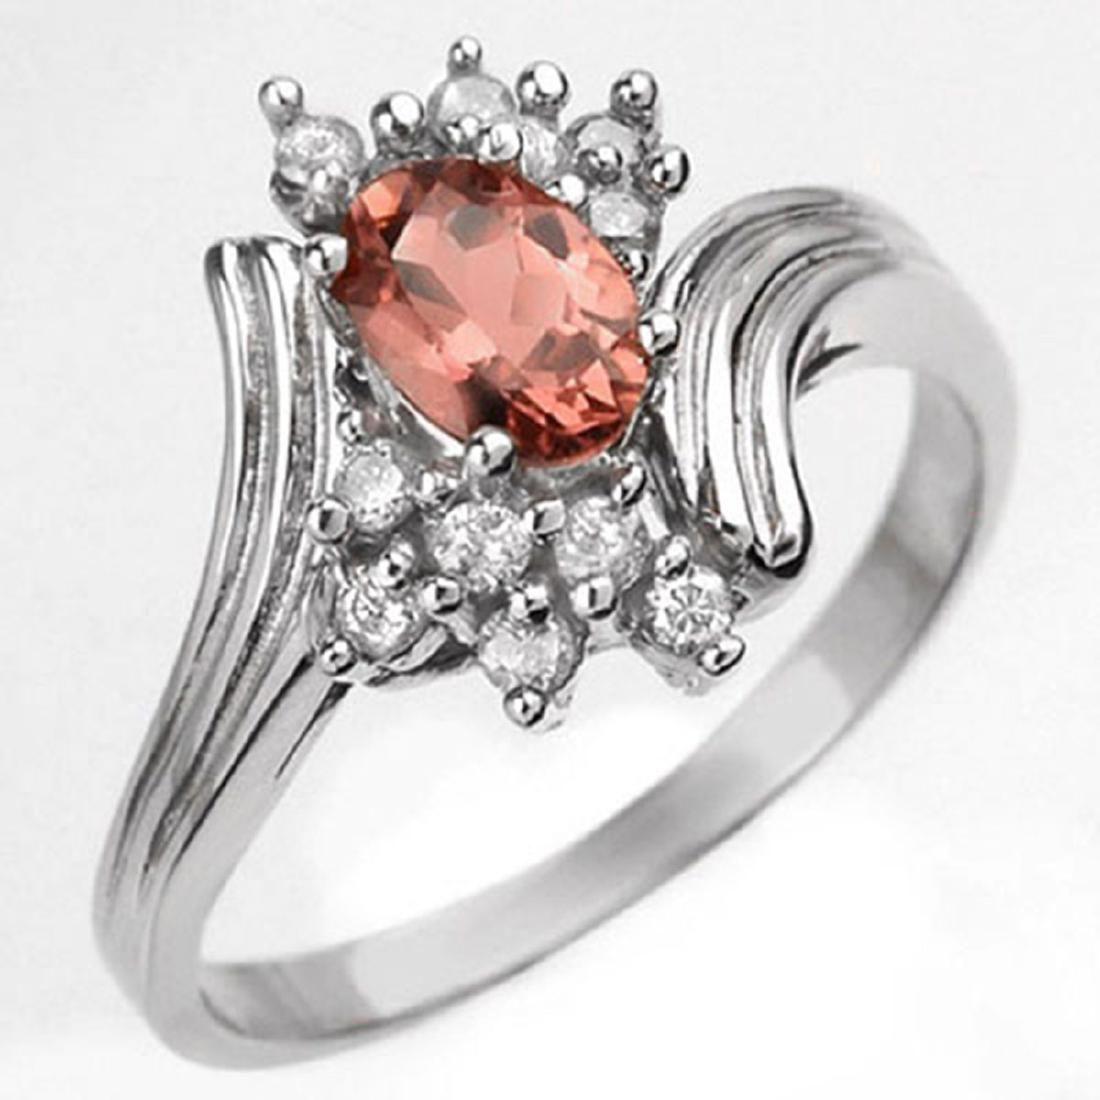 0.80 CTW Genuine Pink Tourmaline & Diamond Ring 10K